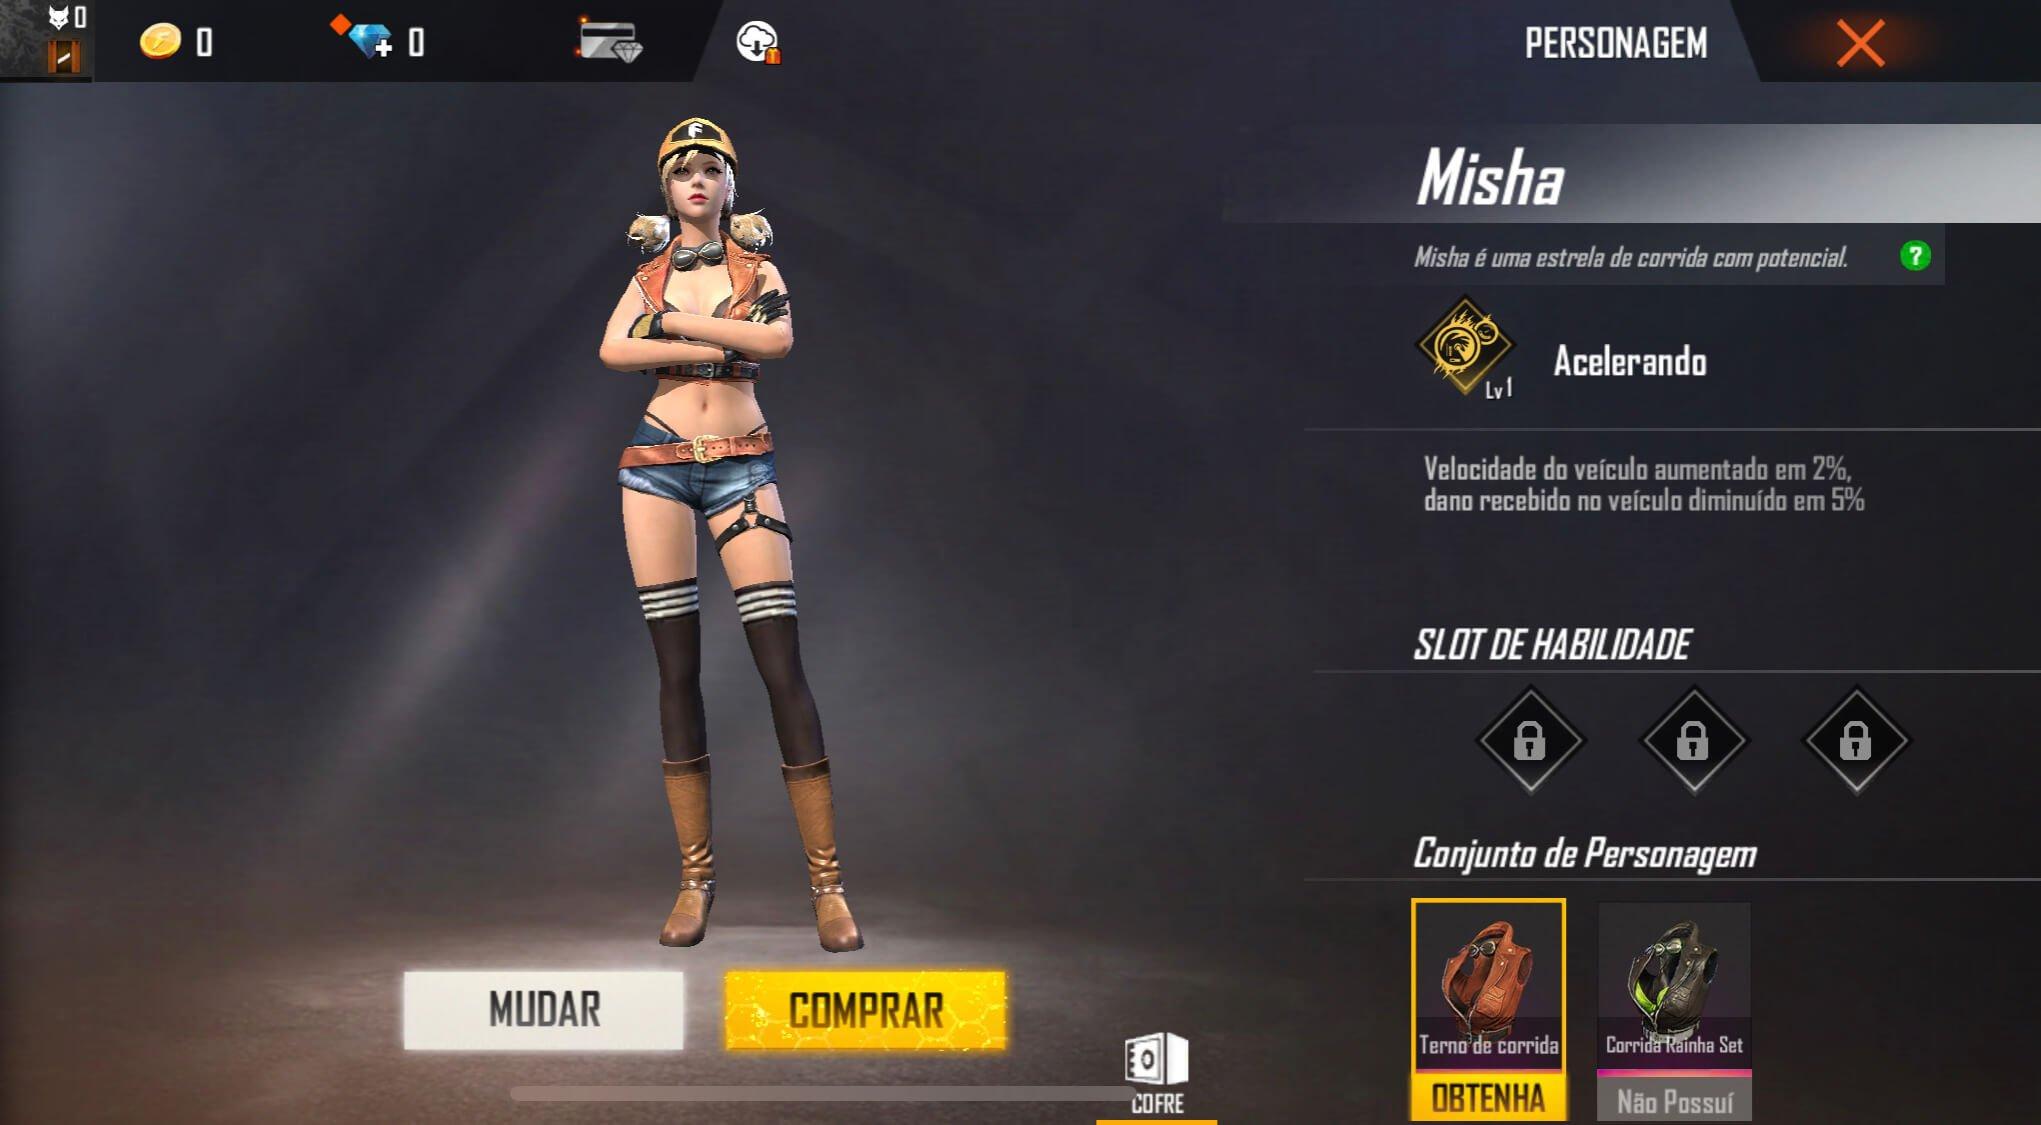 Personagens do Free Fire Misha